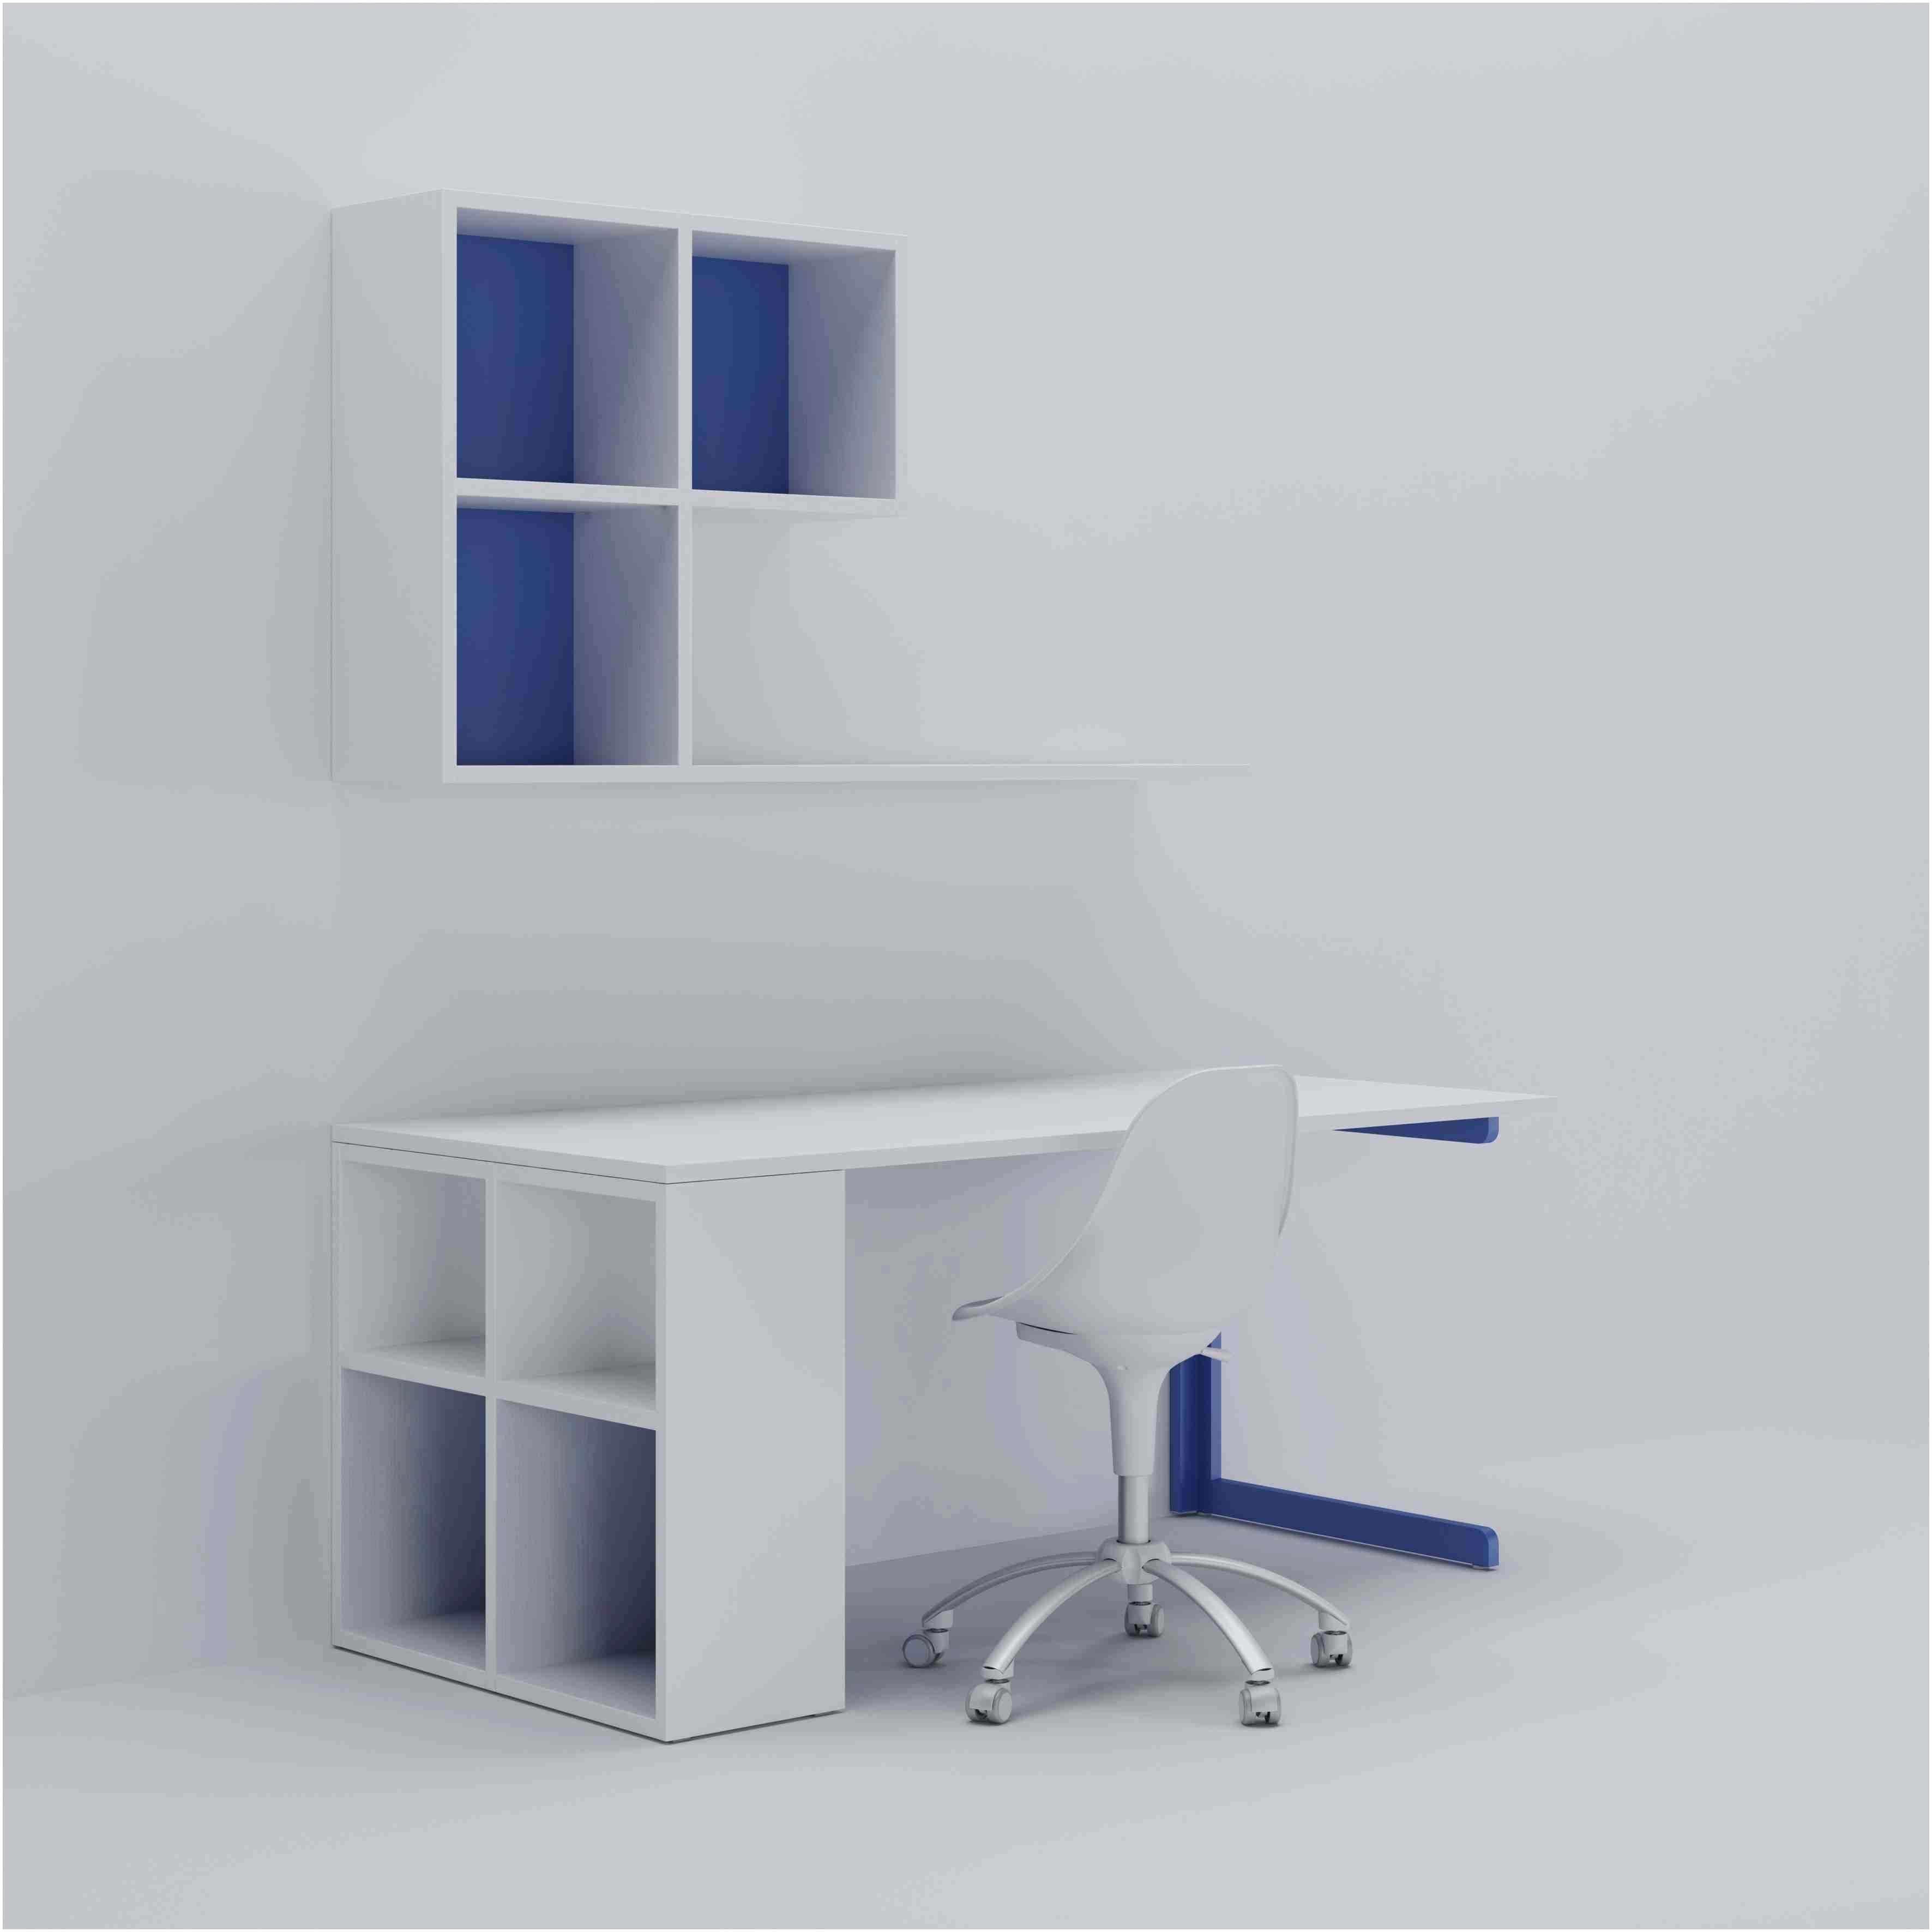 Lit Mezzanine 140×190 Ikea Génial Inspiré 46 élégants Lit Mezzanine Bois Bureau Pour Choix Mezzanine